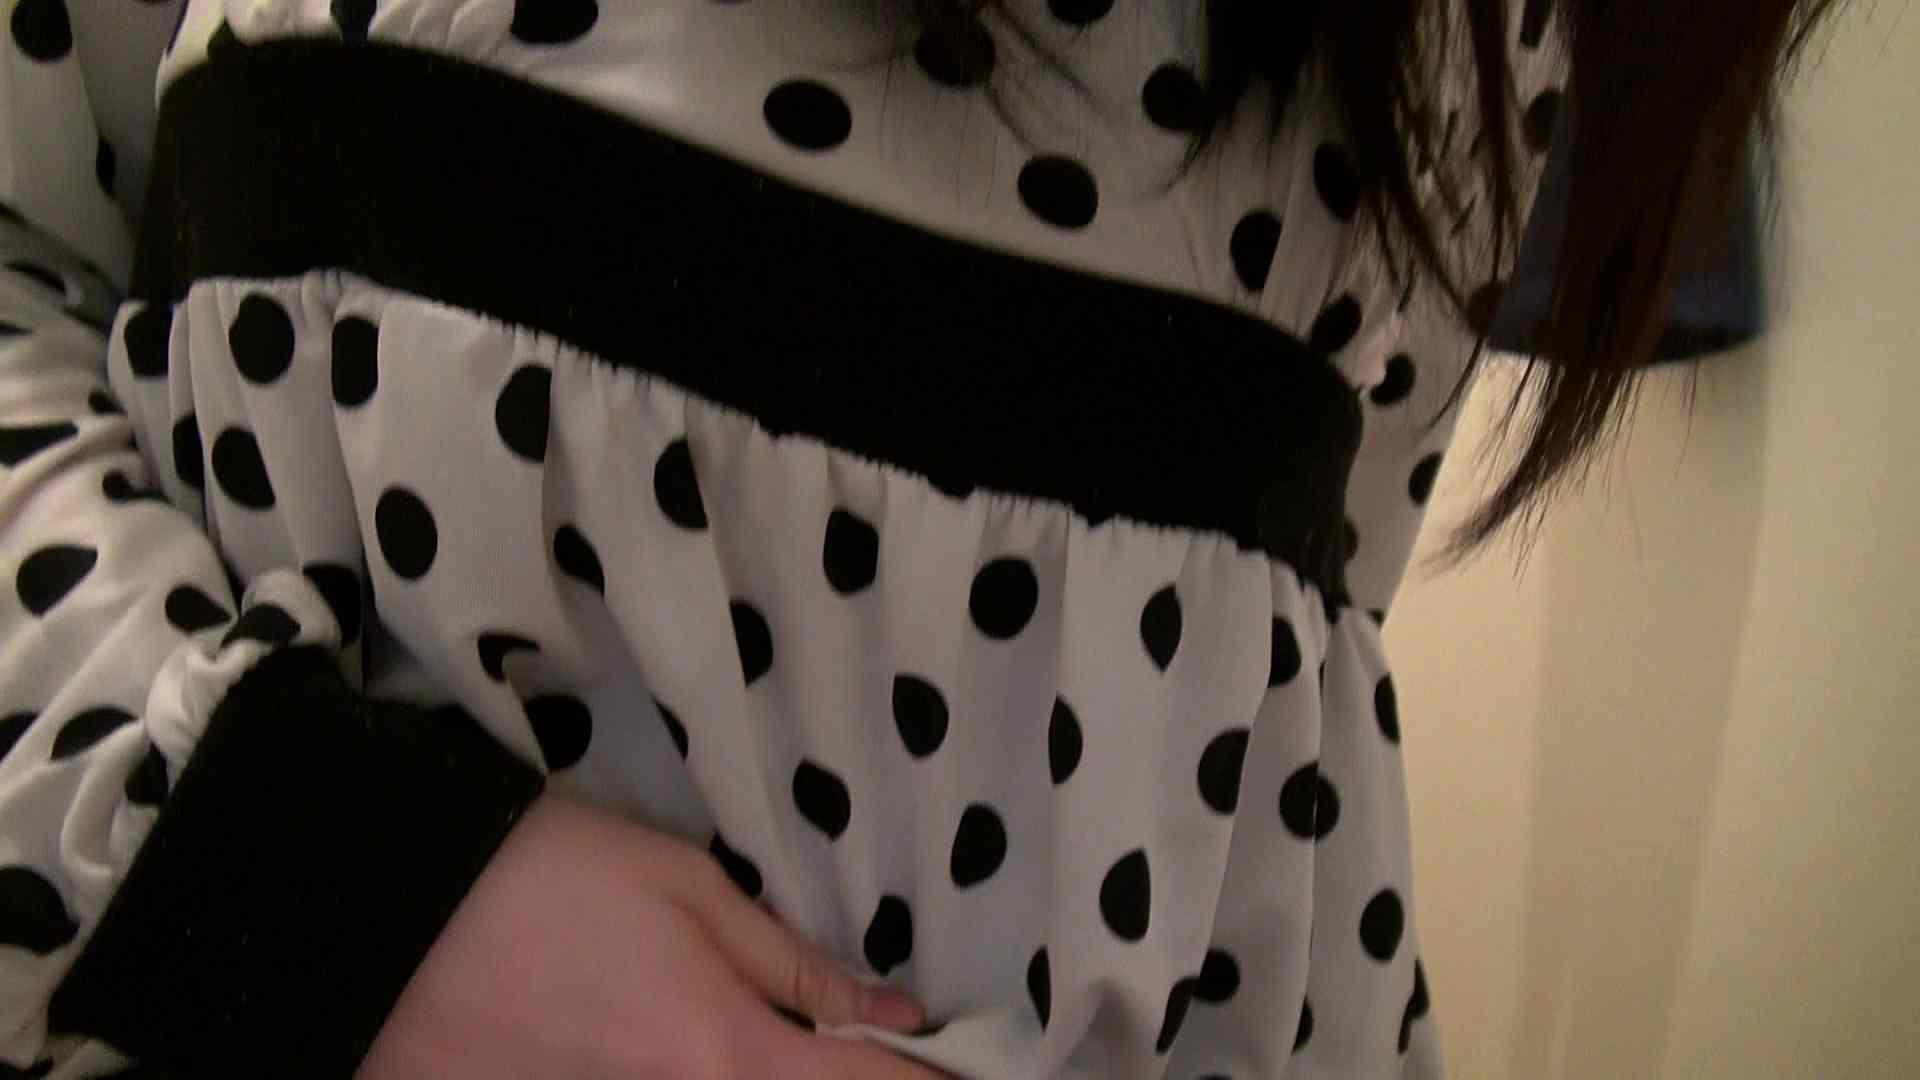 志穂さんにお手洗いに行ってもらいましょう 0 | 0  89画像 35